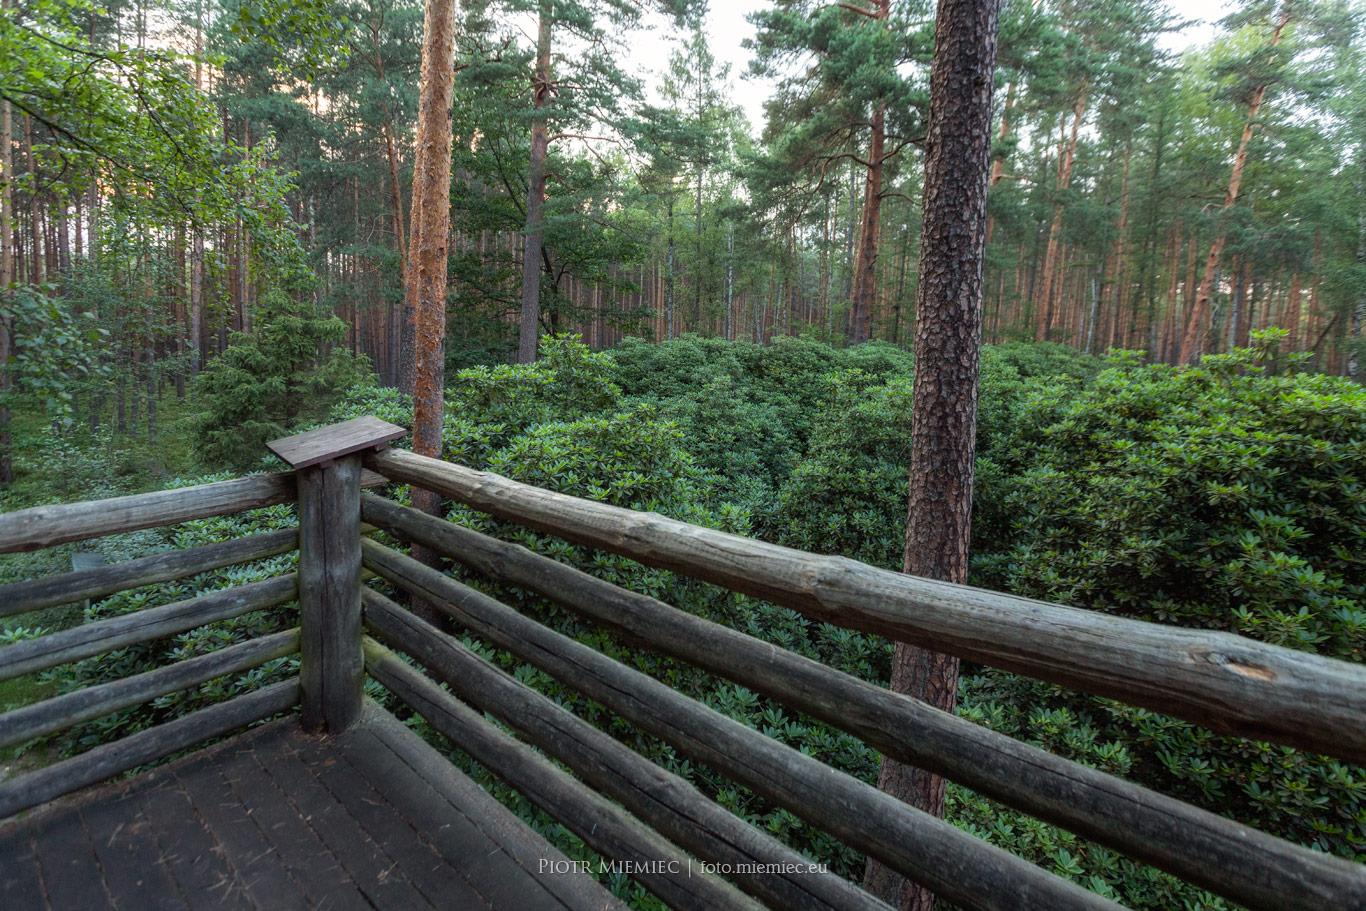 Ogród Rododendronów w środku lasu